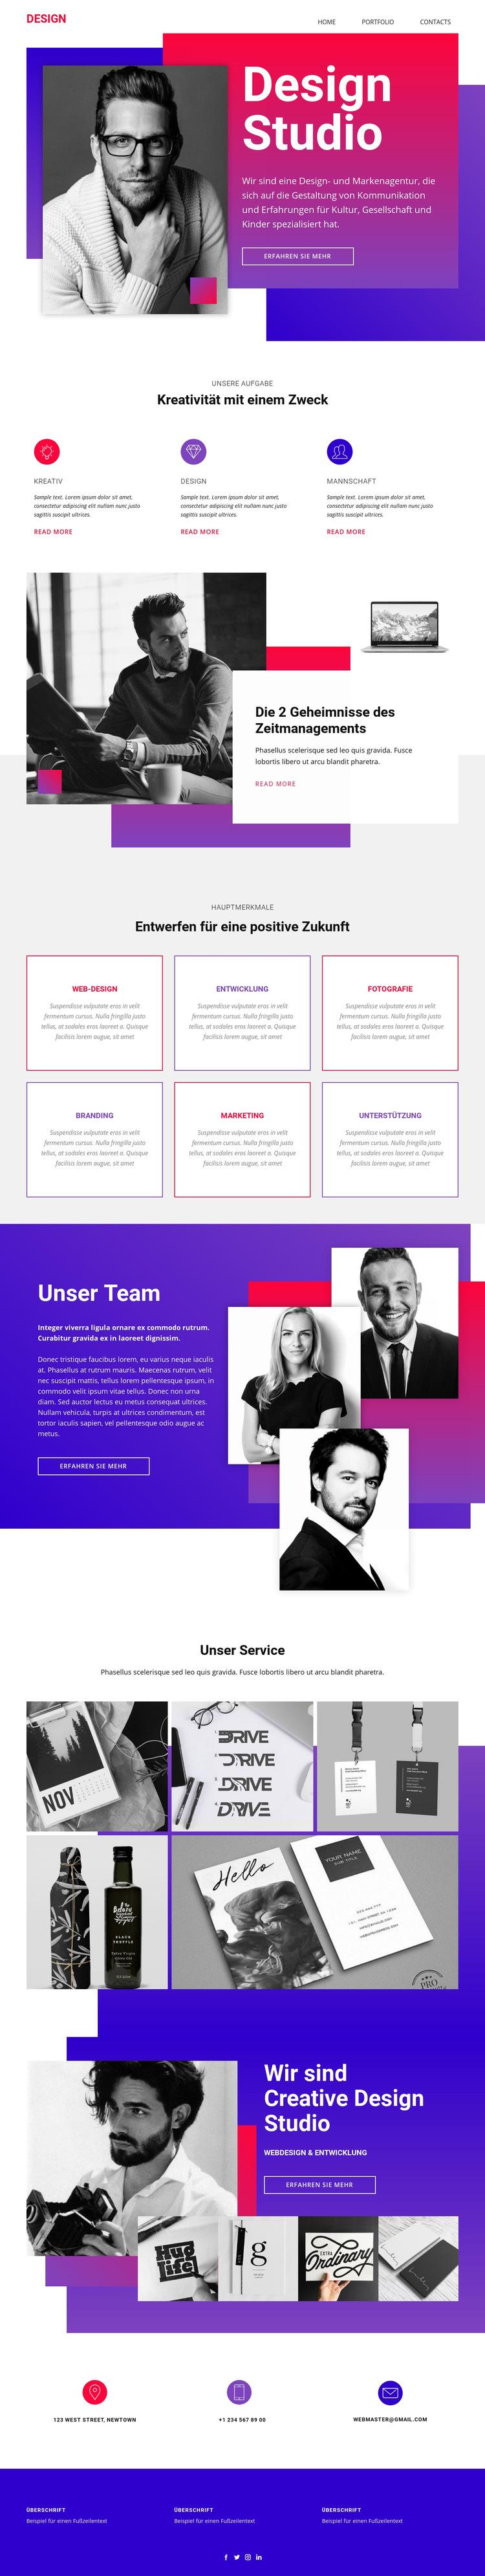 Zeit Webdesign Kunst Website-Vorlage